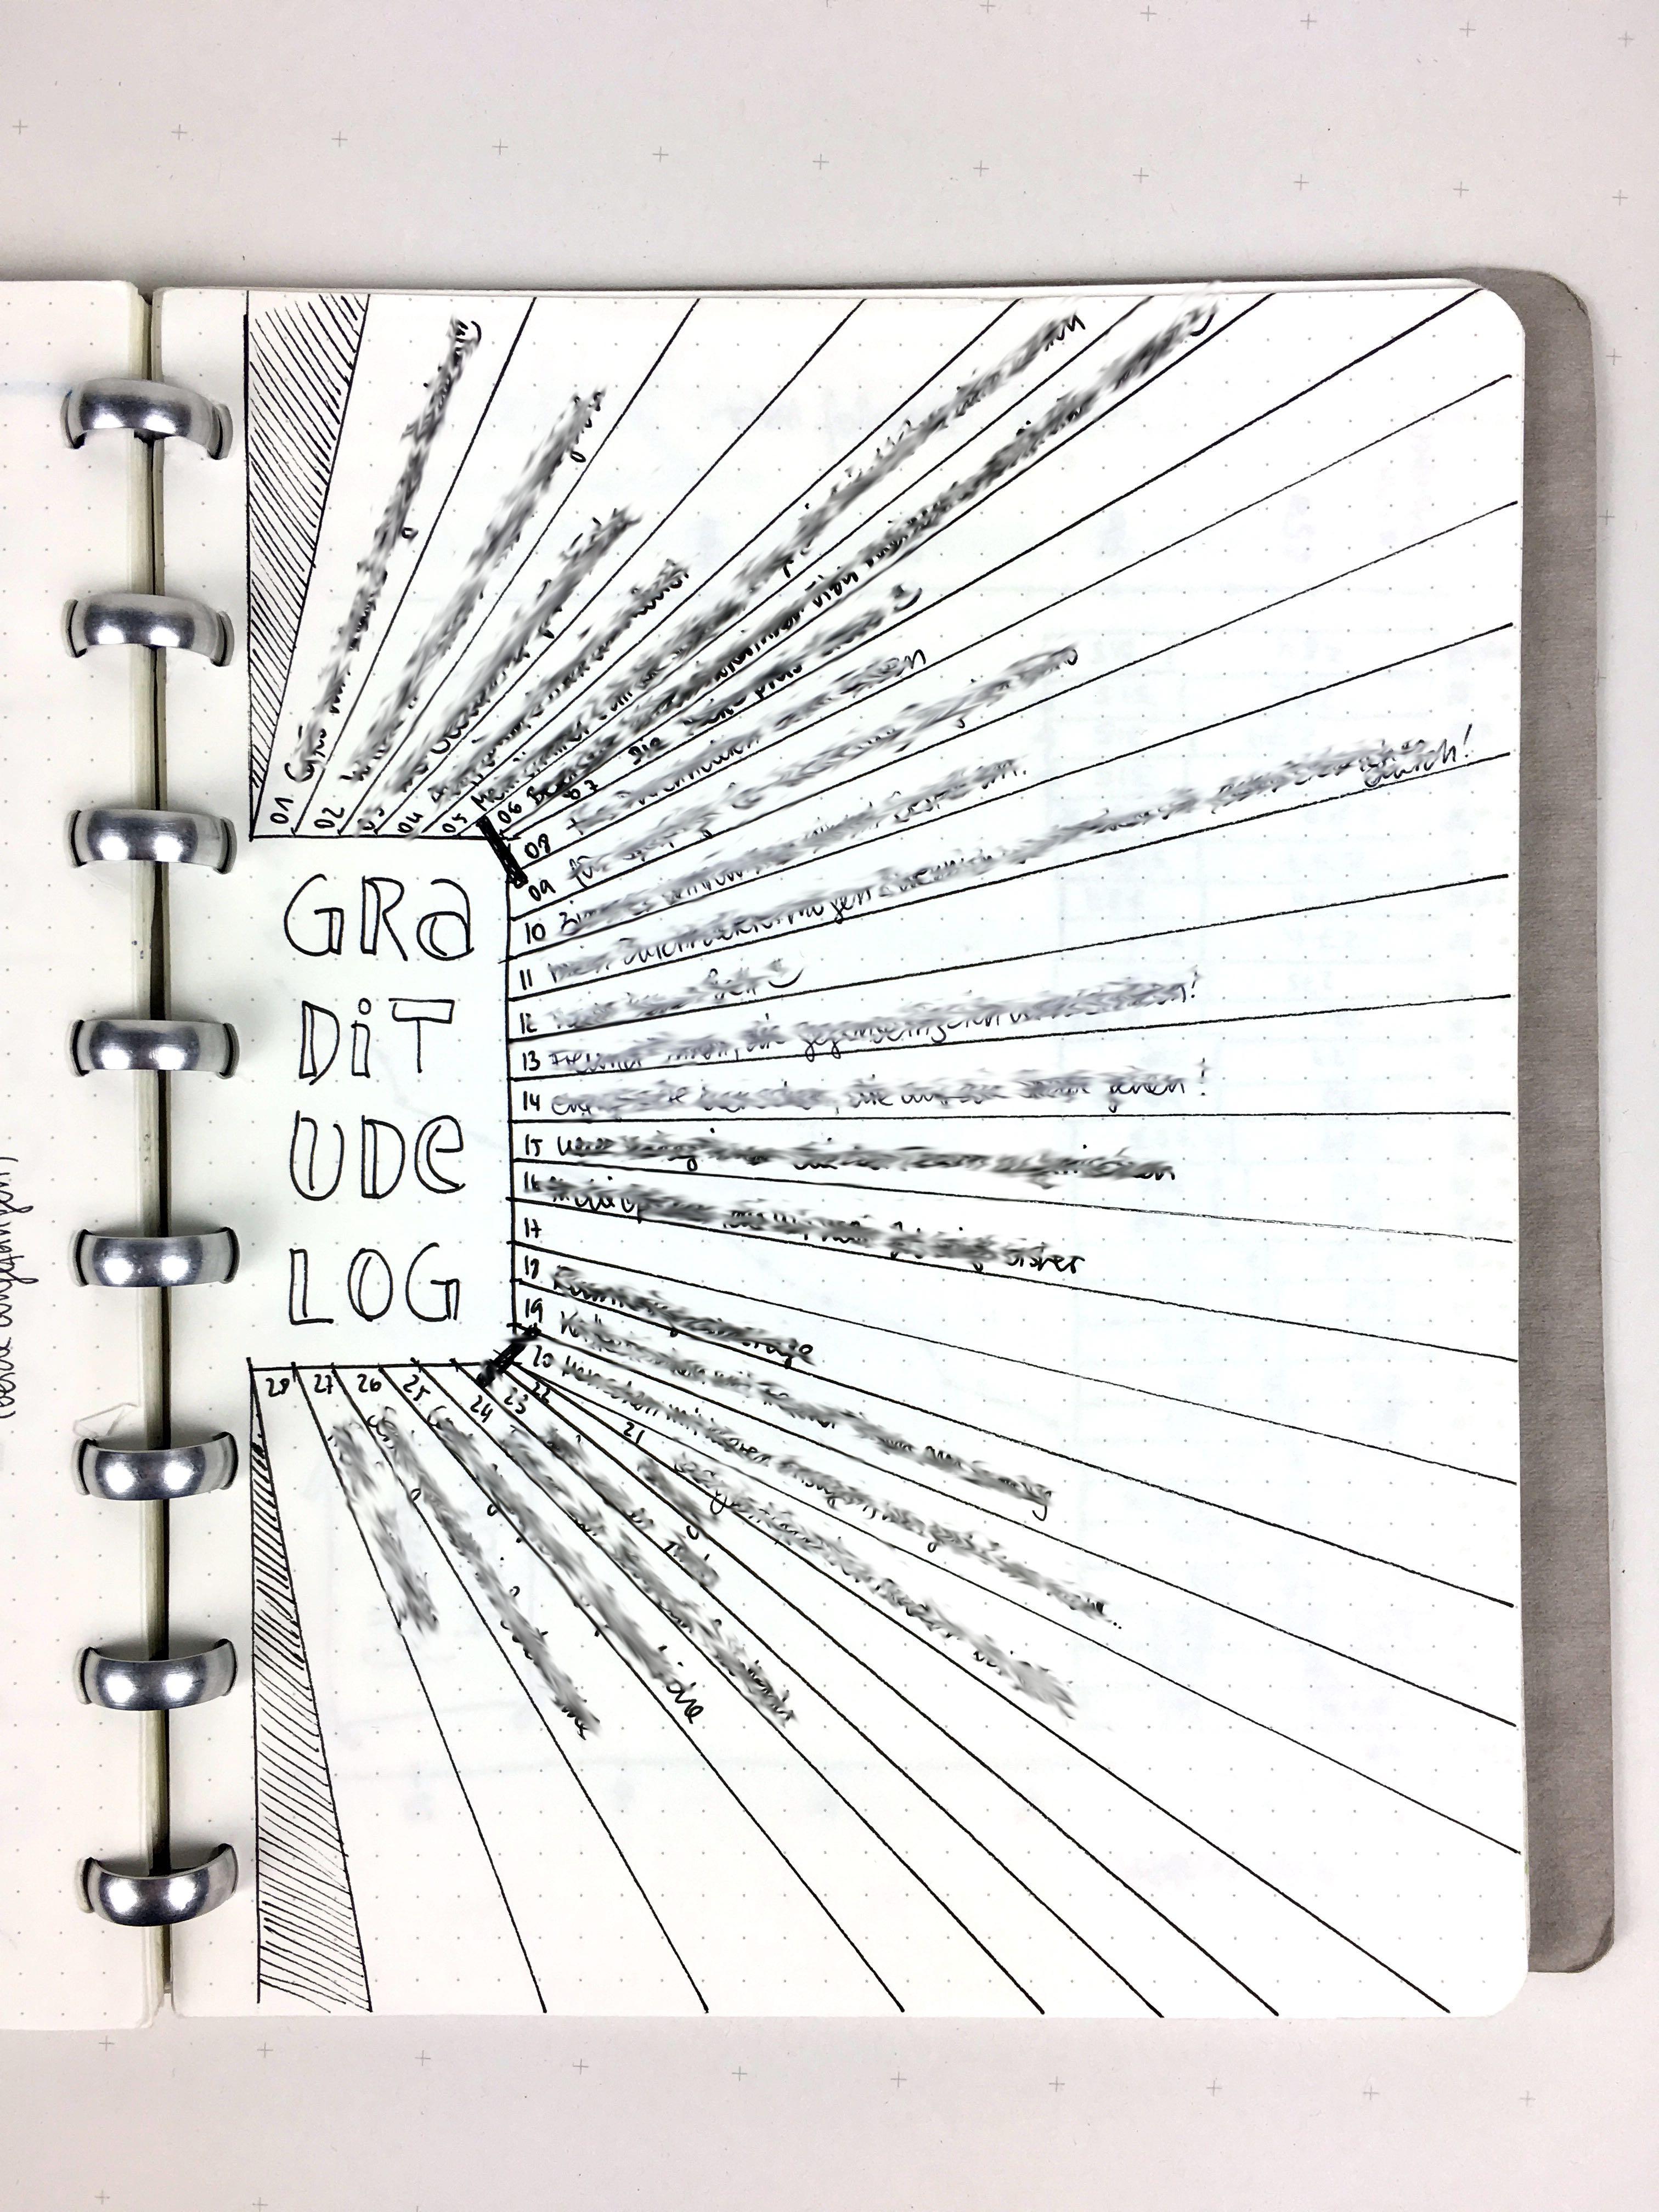 Graditudelog: In Streifen von der Mitte ausgehende Zeilen für jeden Tag